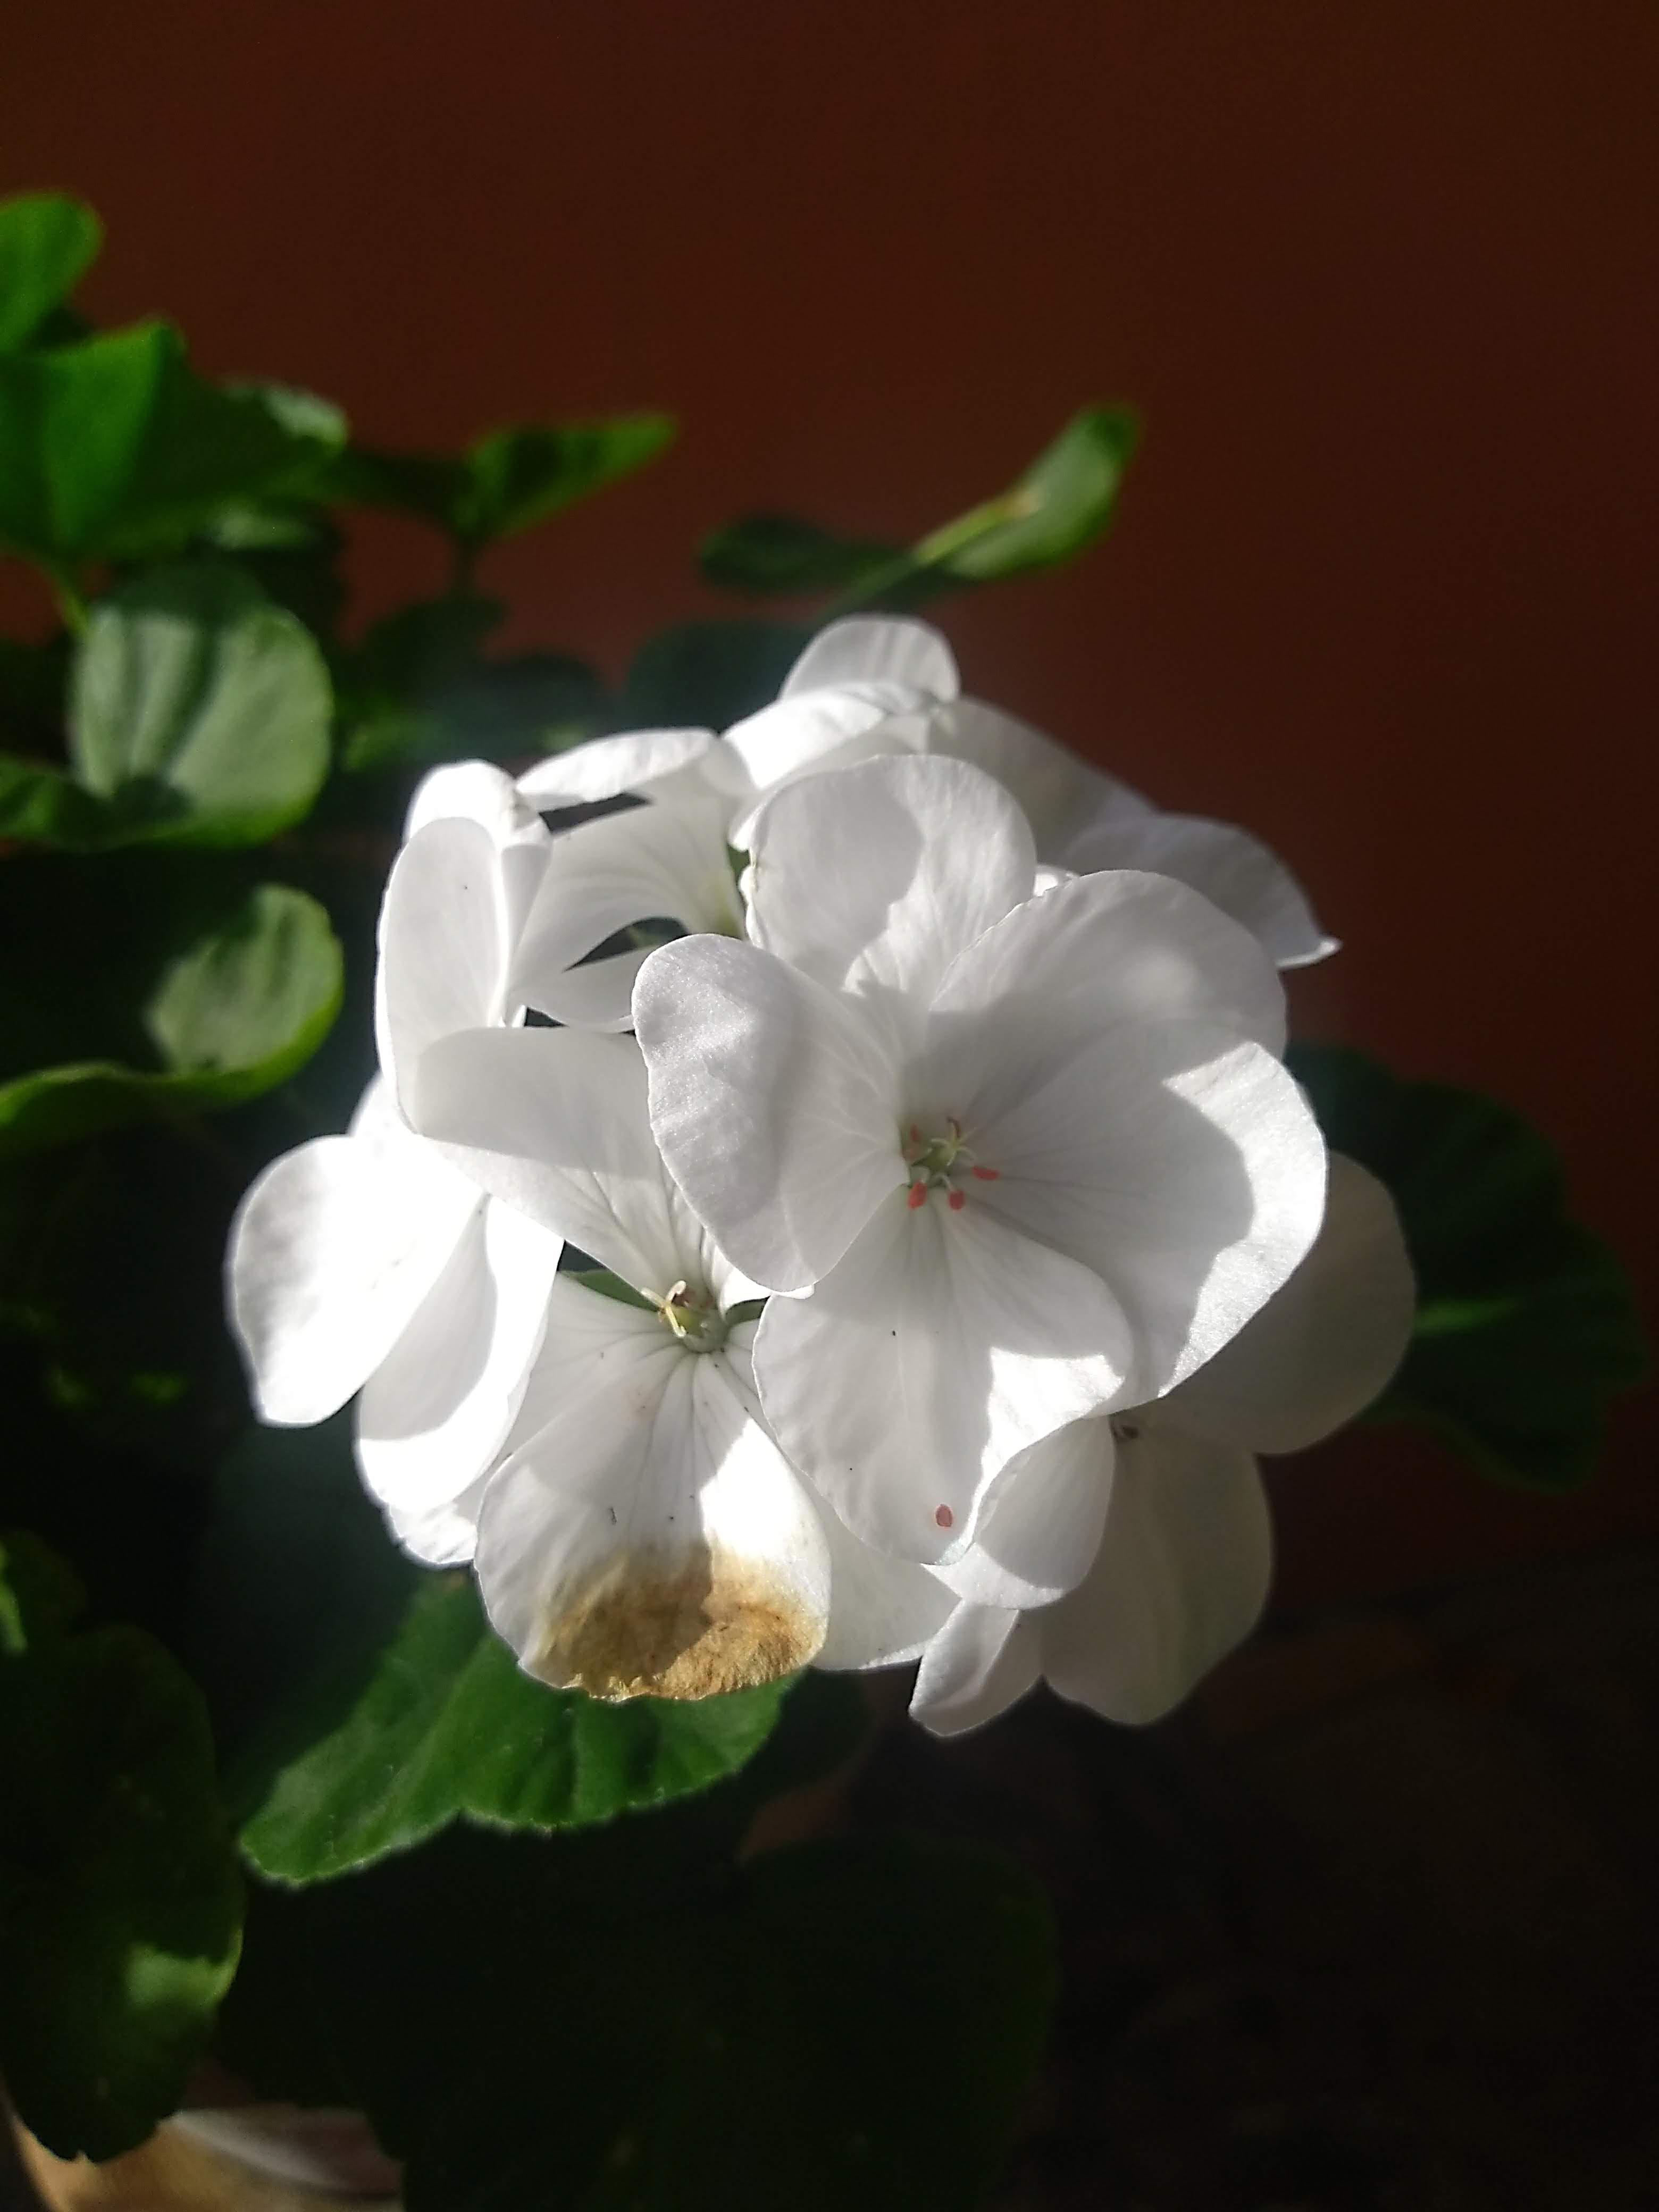 Fiori Bianchi Con Quattro Petali.Immagini Belle Fiori Bianchi Fiore Bianca Flora Petalo